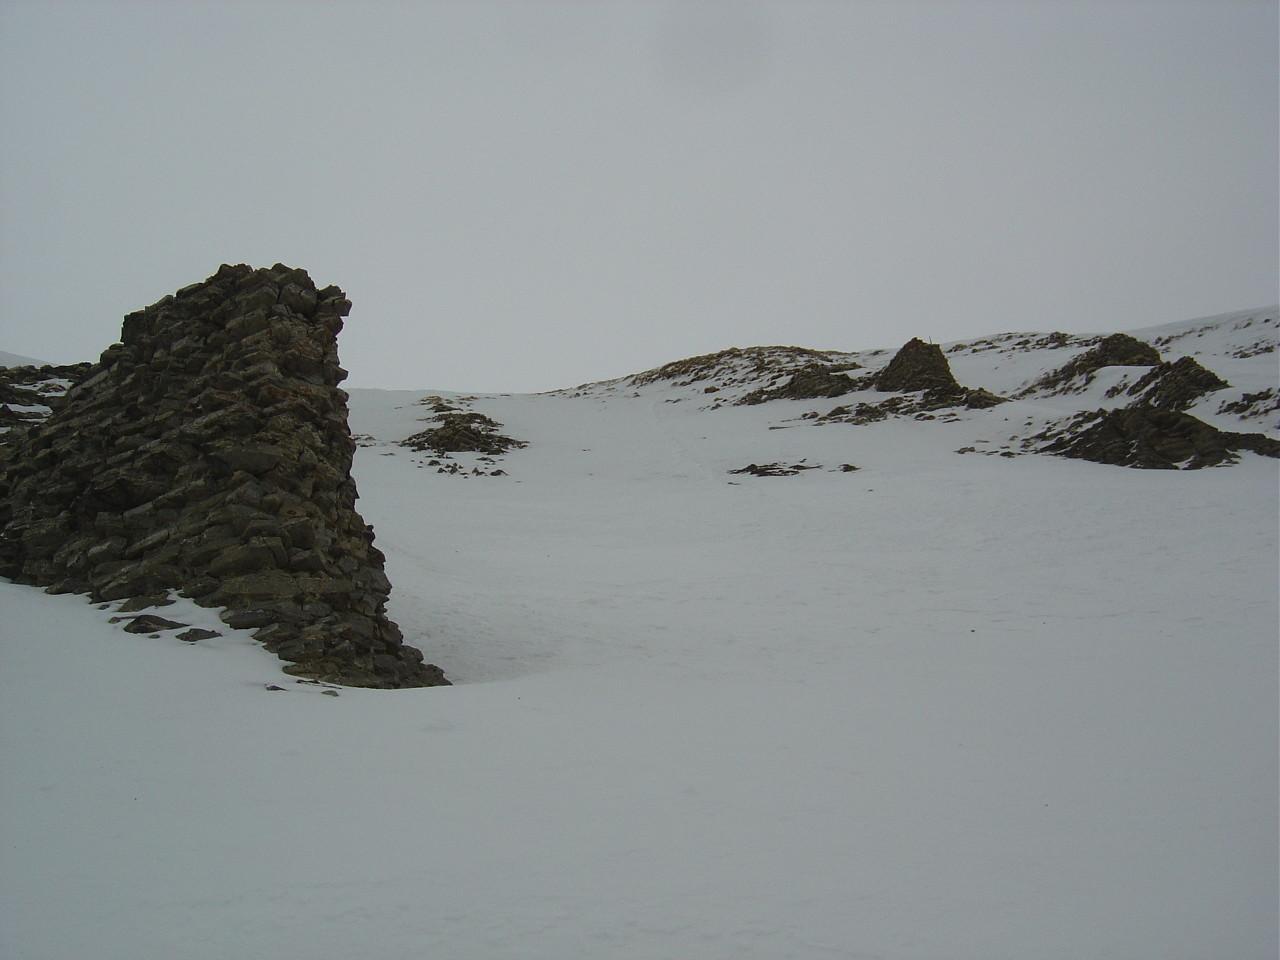 Dernière pente raide avant le sommet.